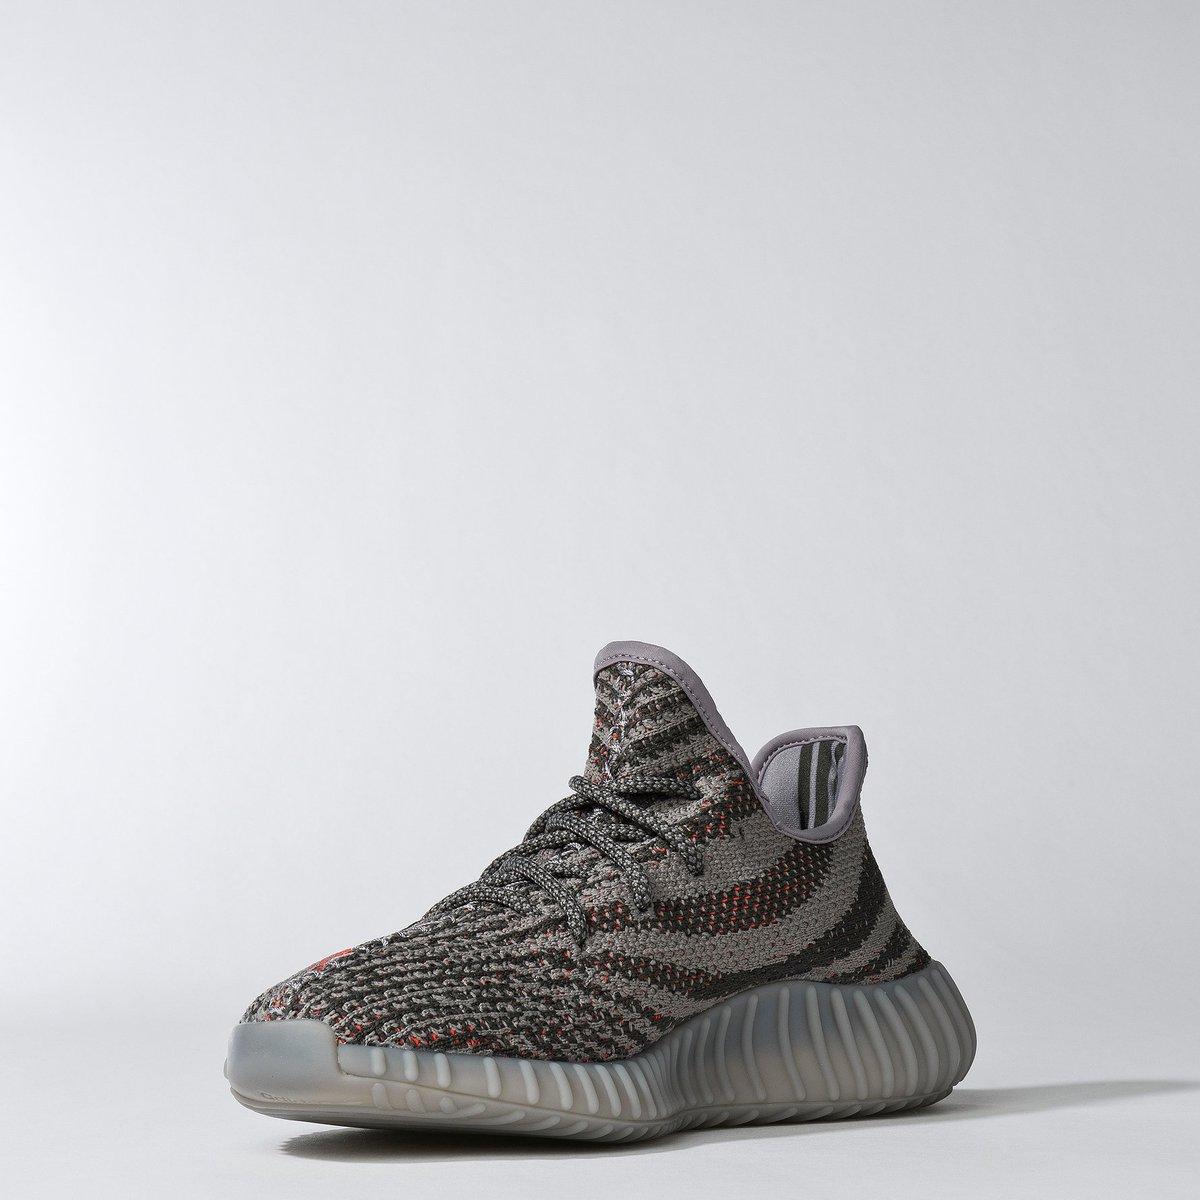 6c4b1a30b98a1 Sneaker Shouts™ on Twitter